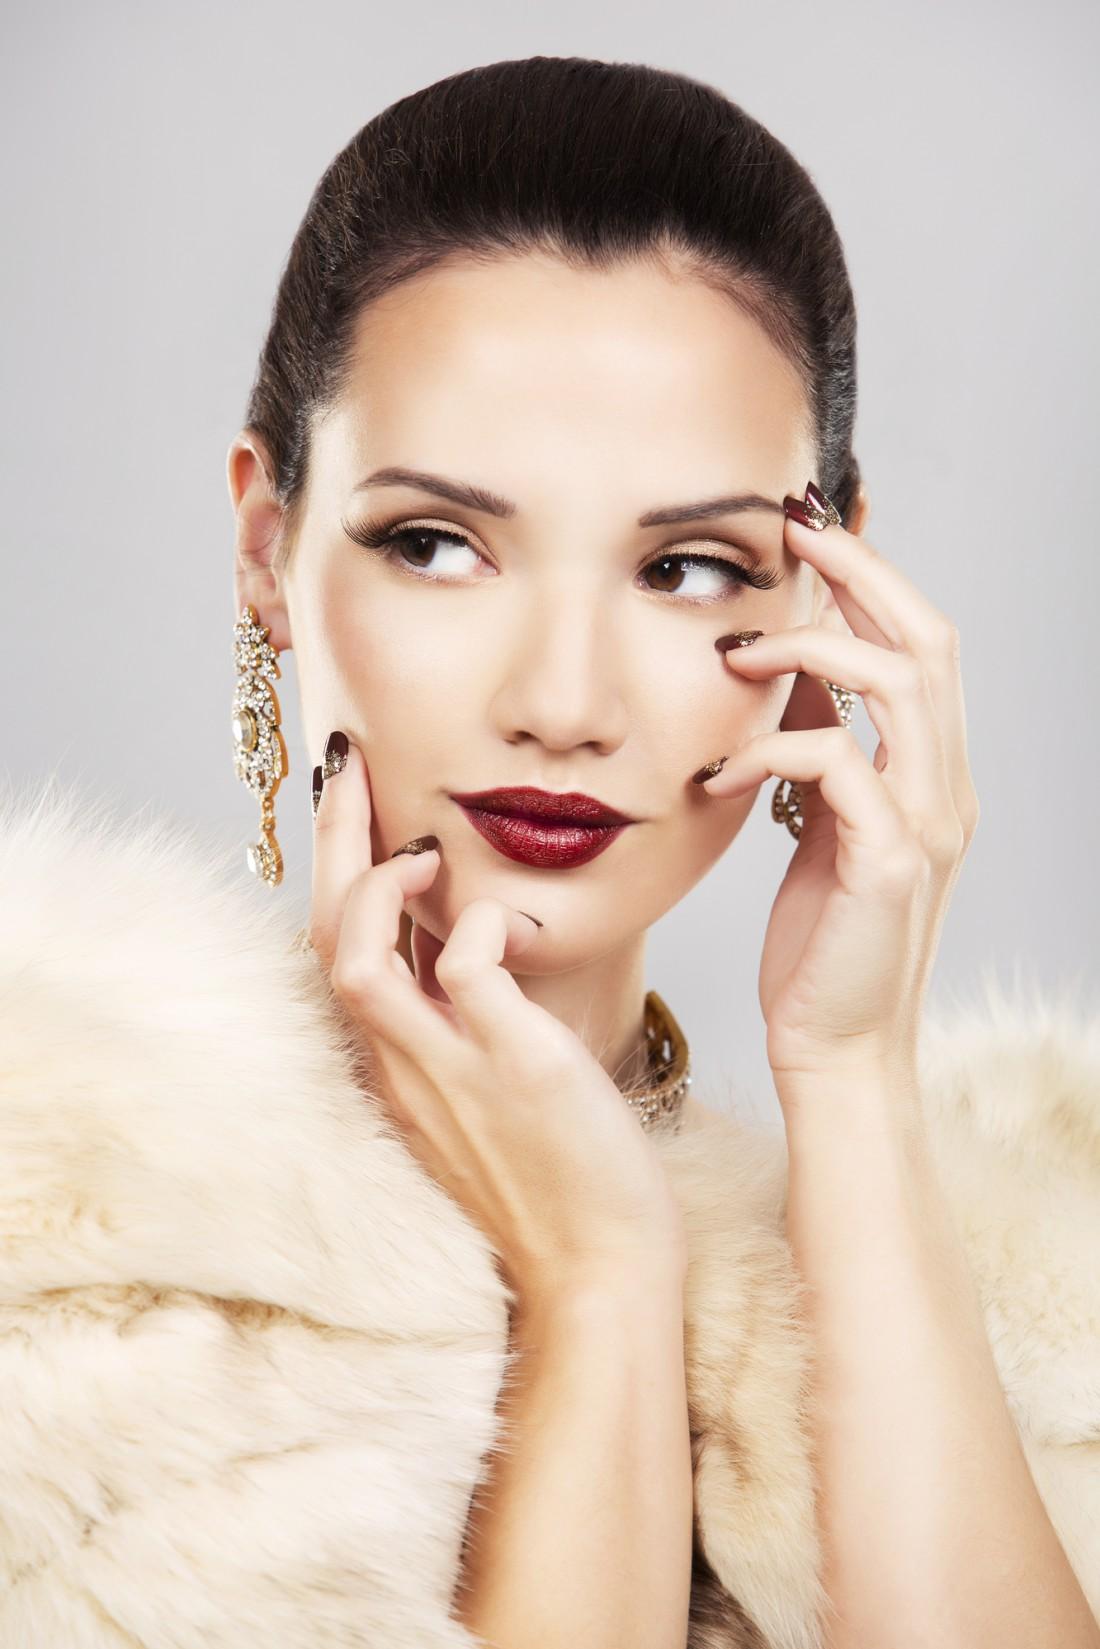 Новогодний макияж с акцентом на губы – это попадание в